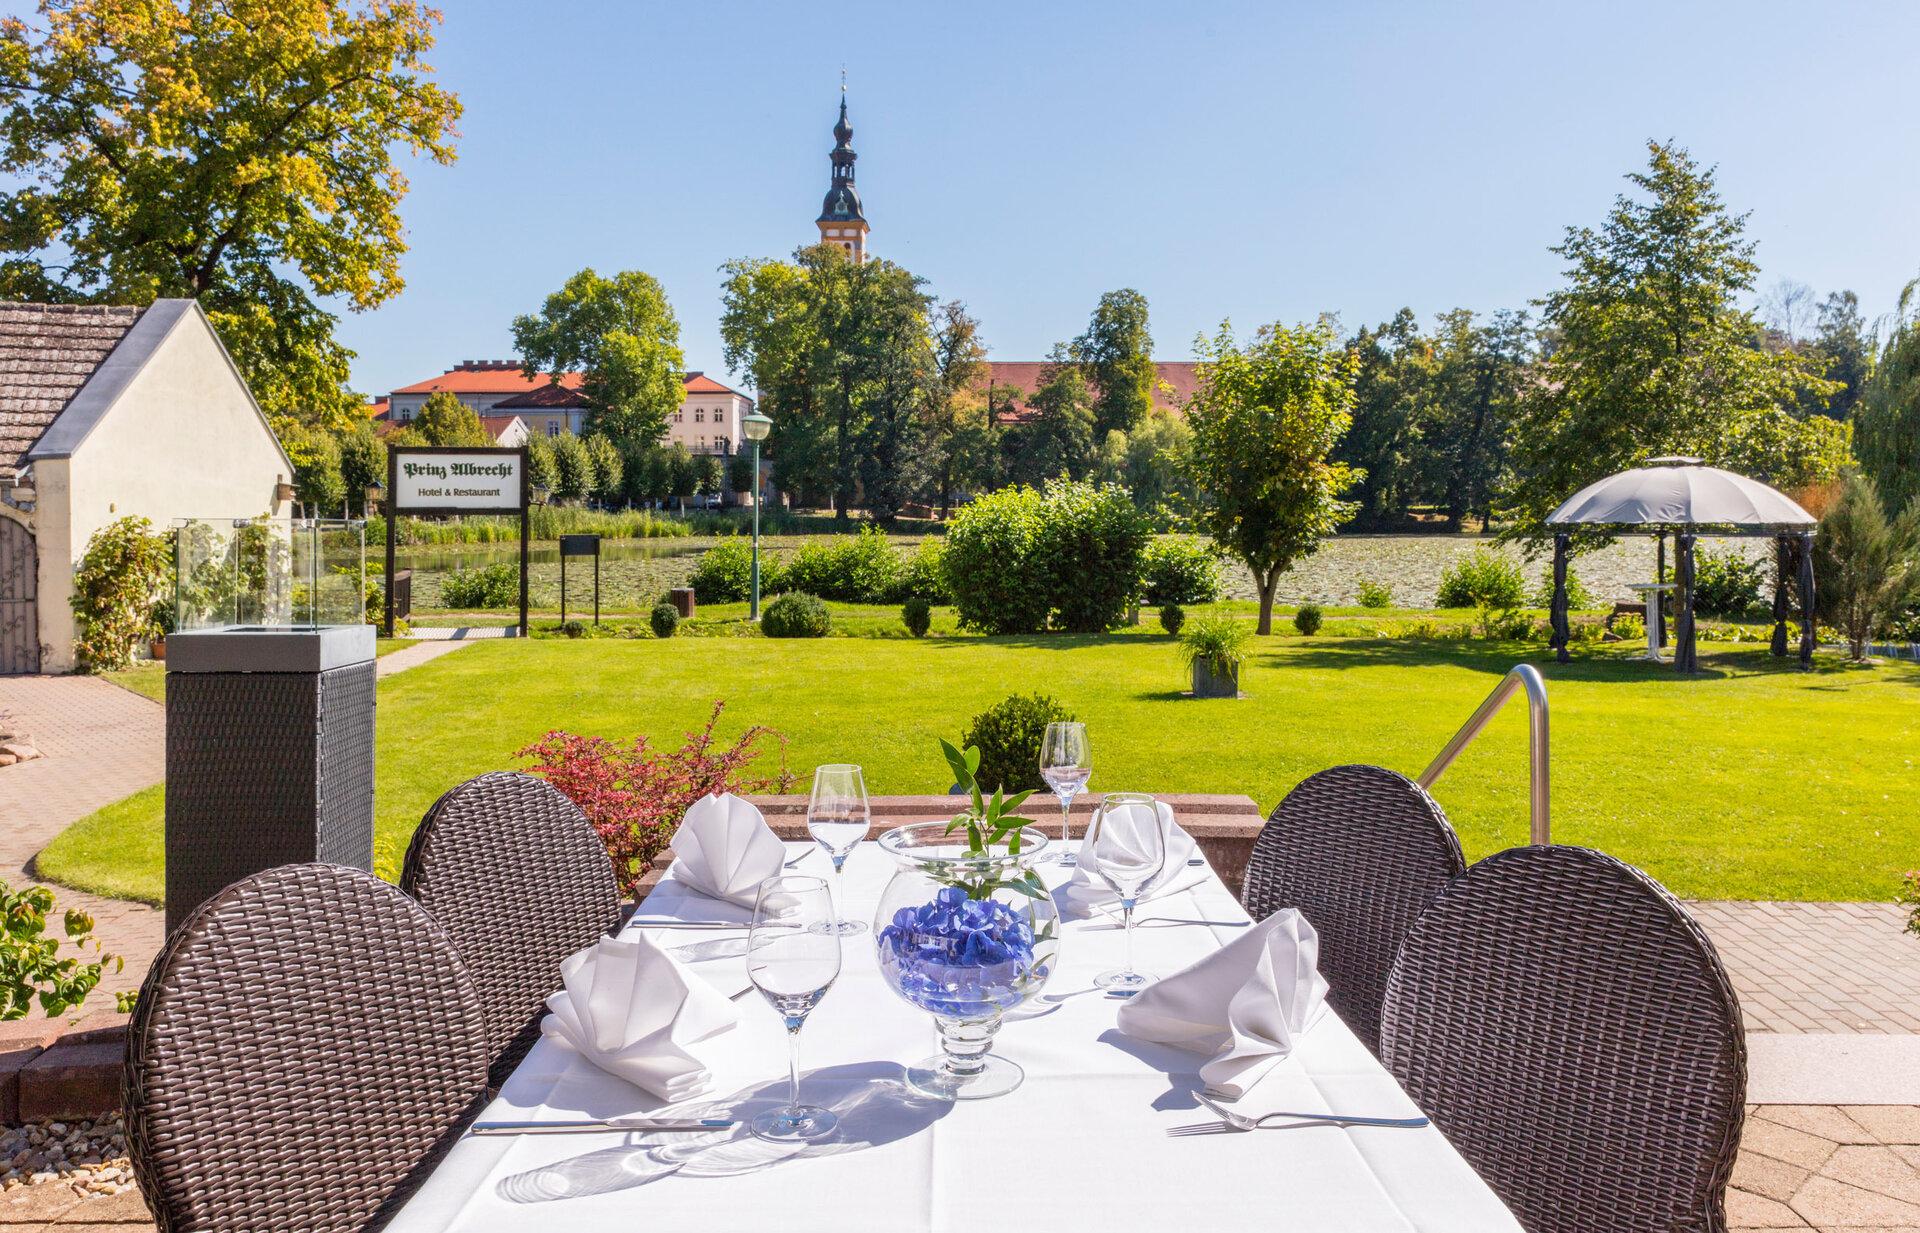 Hotel Prinz Albrecht mit Blick auf das Kloster Foto: Bernd Geller